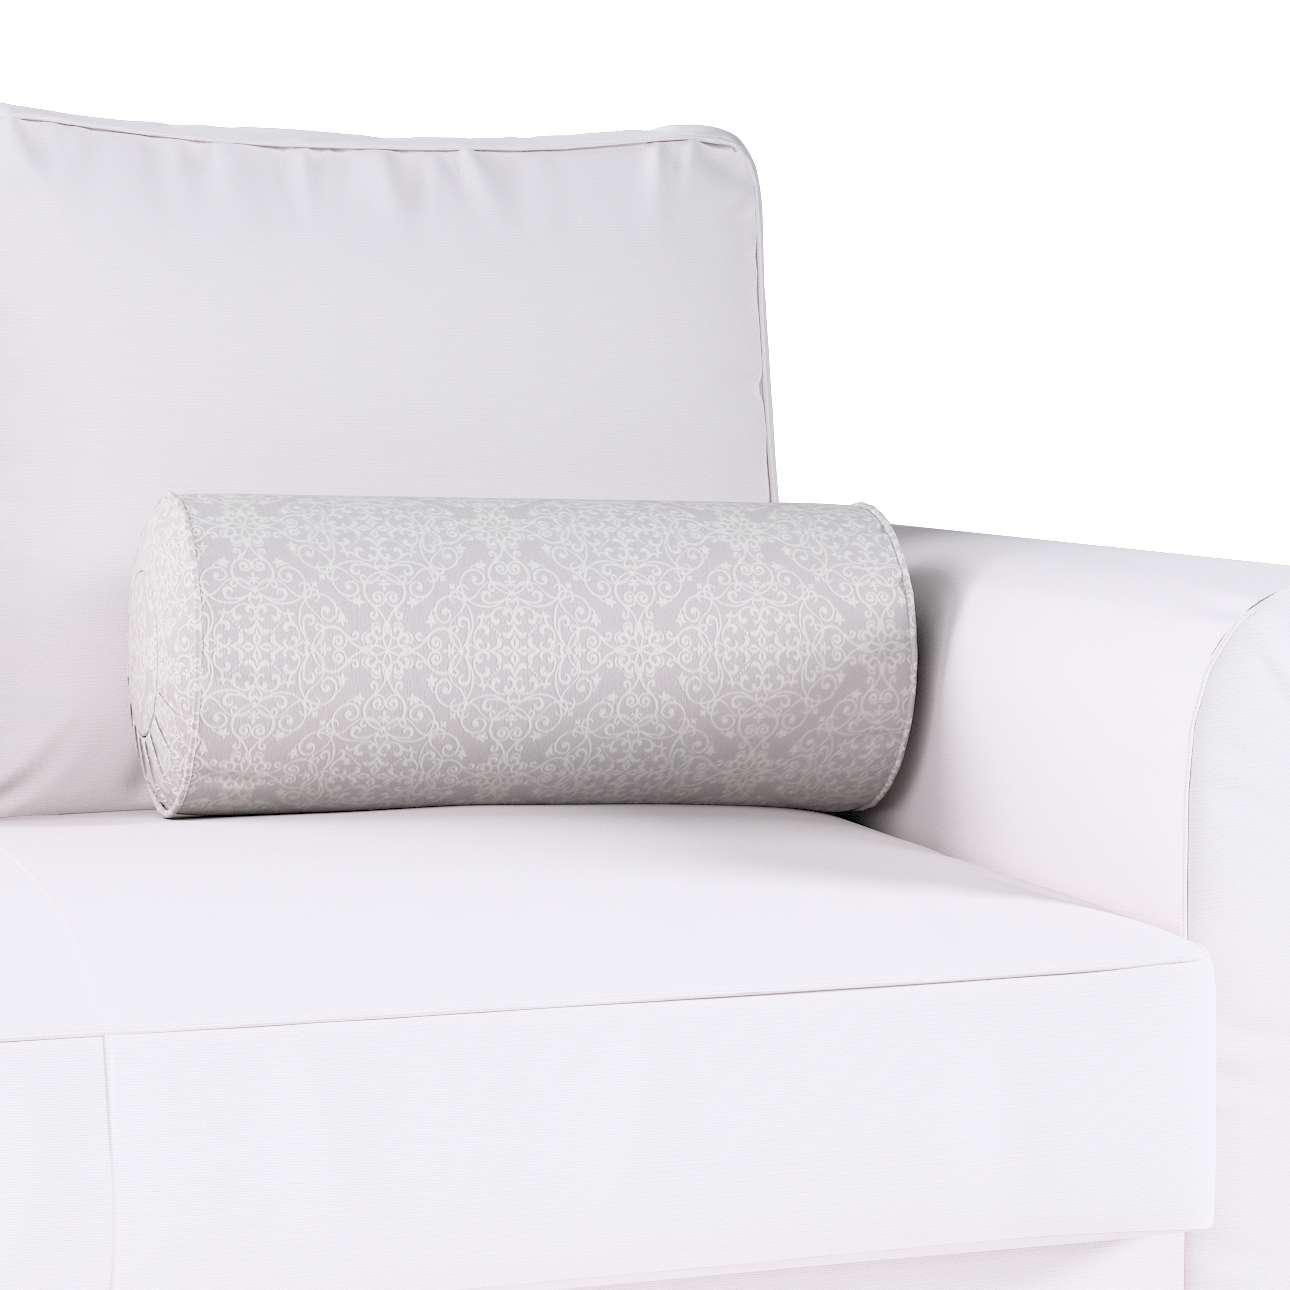 Poduszka wałek z zakładkami w kolekcji Flowers, tkanina: 140-38